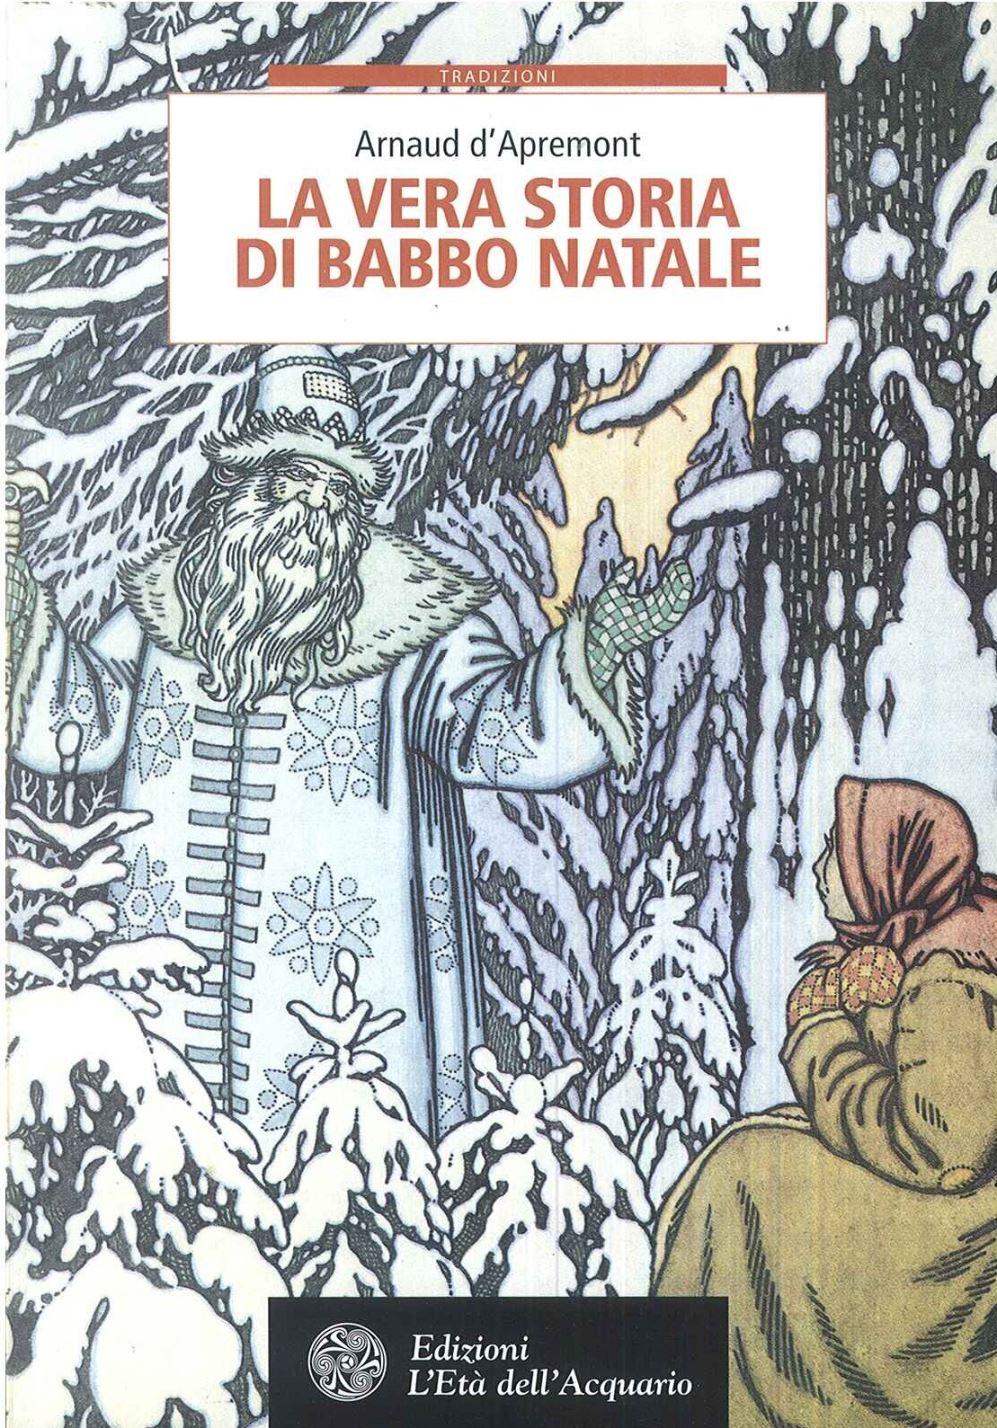 La Storia Vera Di Babbo Natale.La Vera Storia Di Babbo Natale 2 Ed Arnaud D Apremont Eta